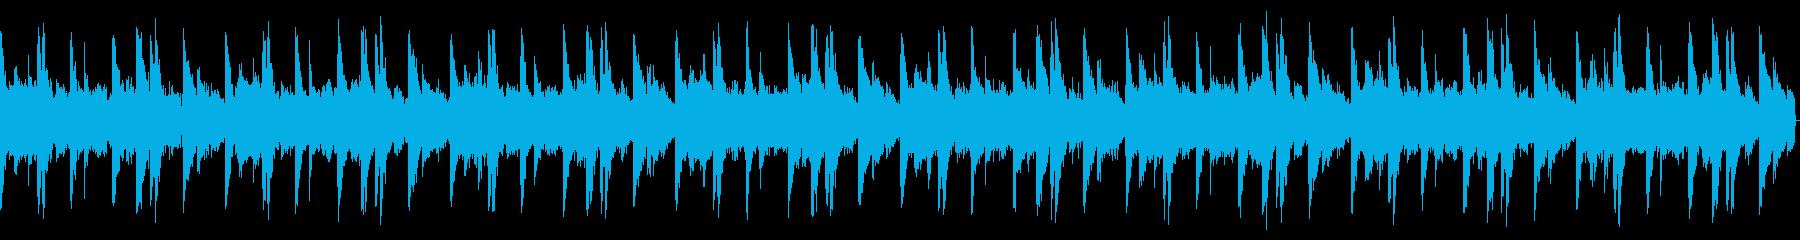 オールドスクールビート1 16小節の再生済みの波形